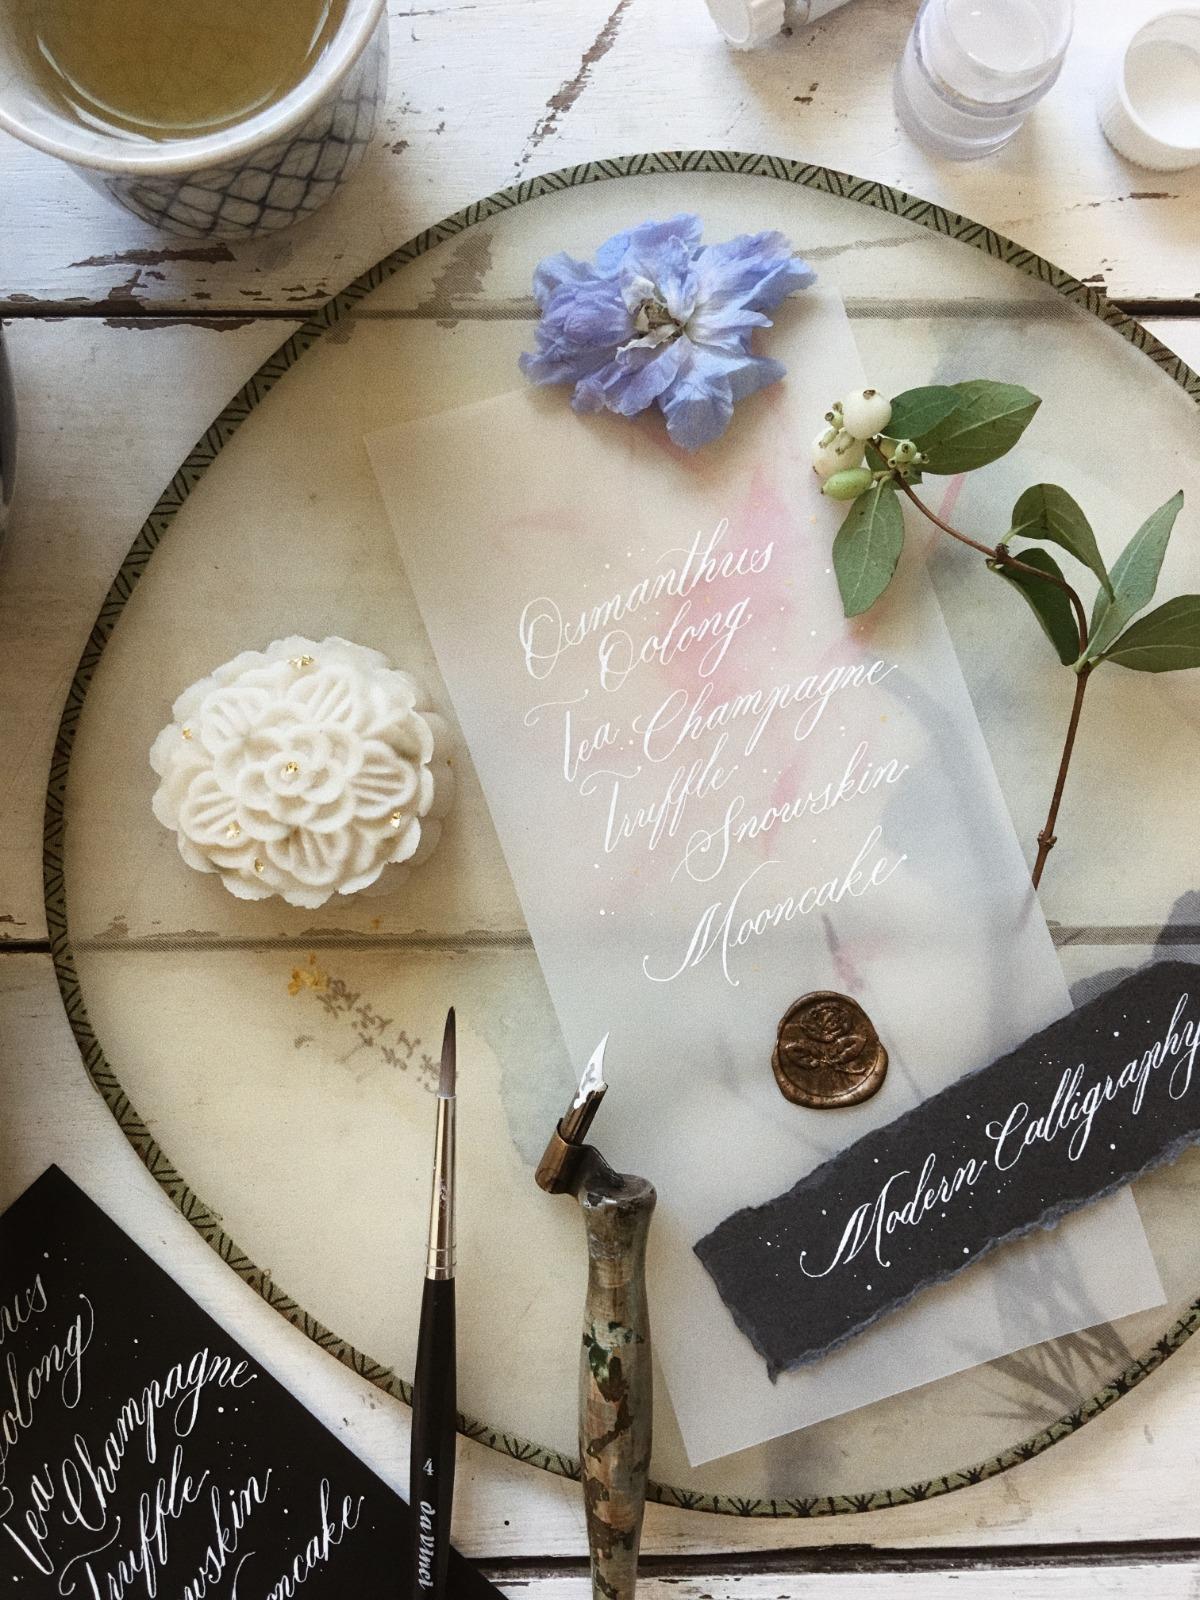 Mooncakes-Tea-Calligraphy-PoptsiePaperCo.jpg